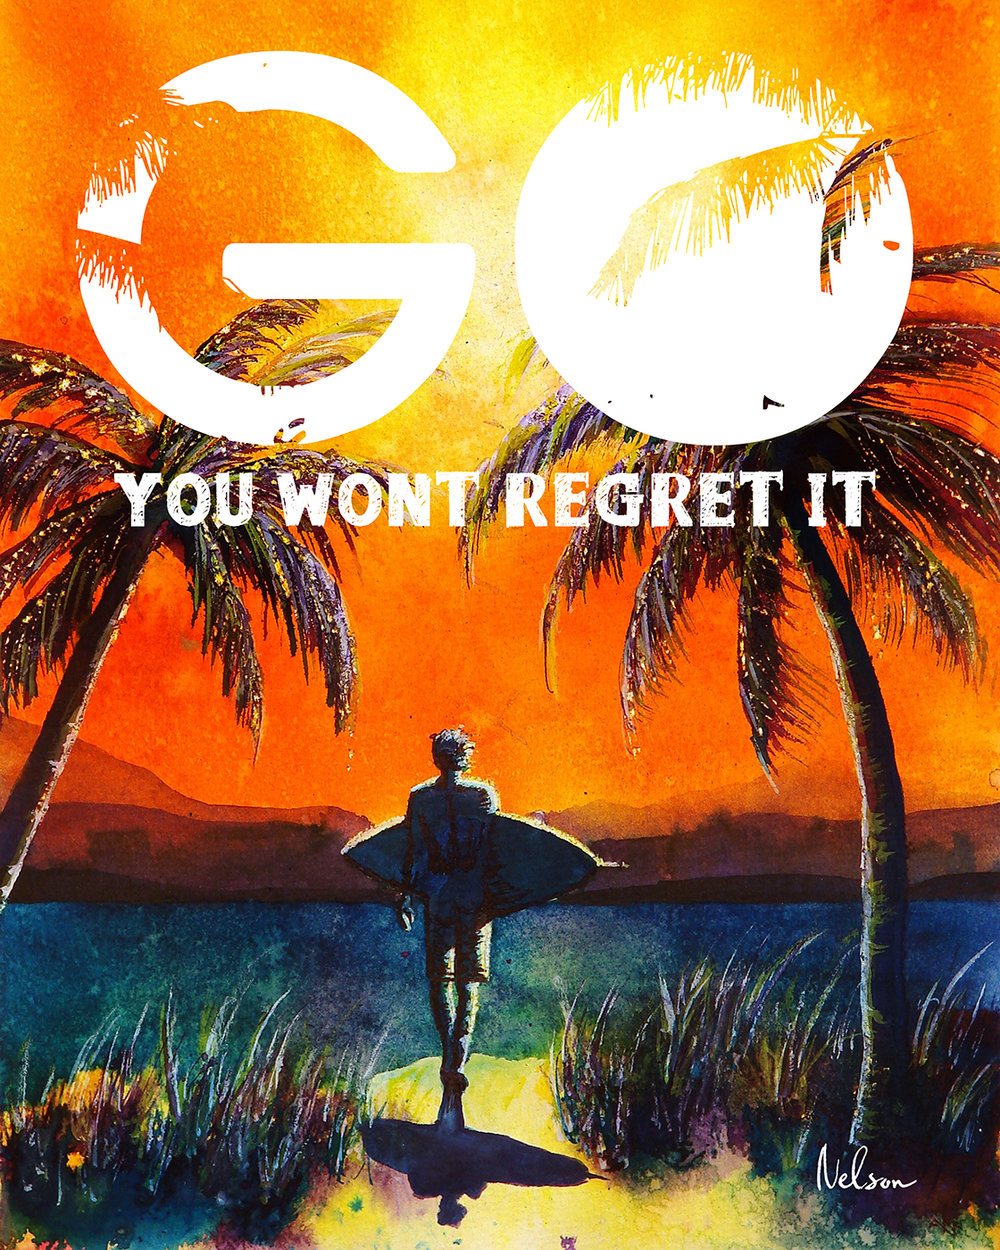 Go, you won't regret it